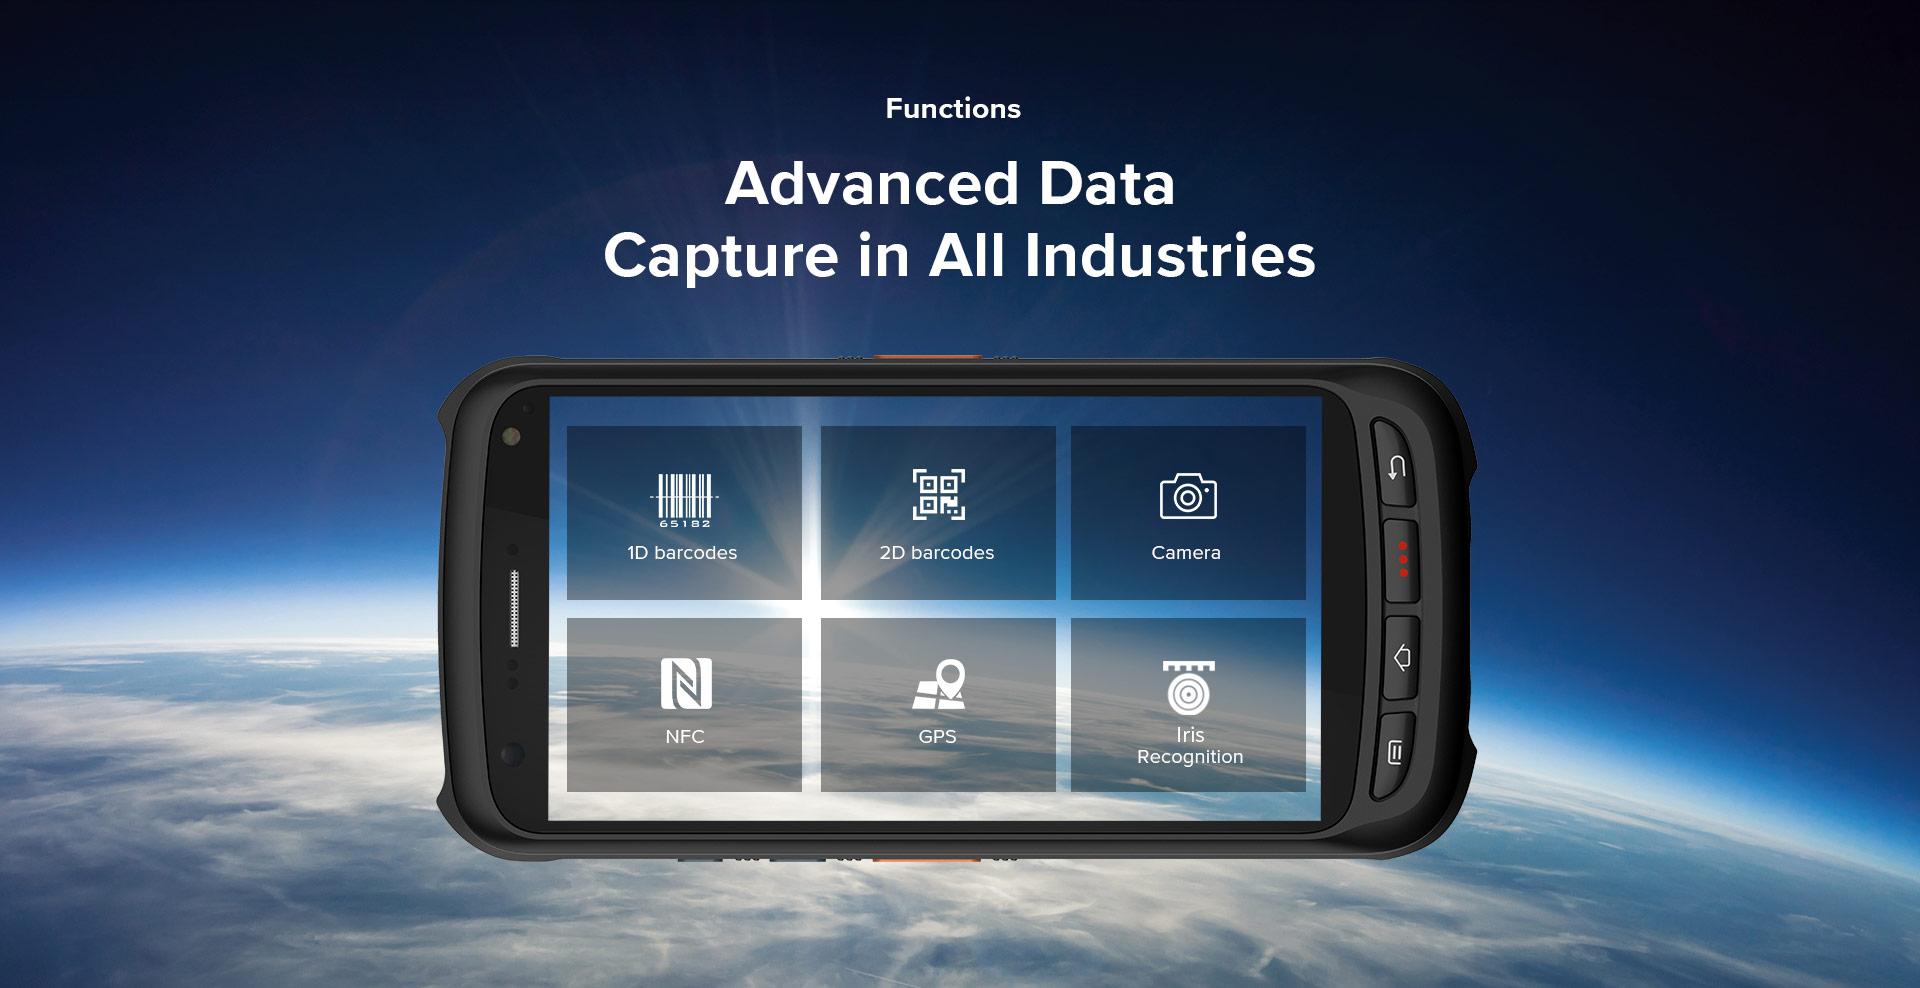 Handheld C70 Chainway Advance Data